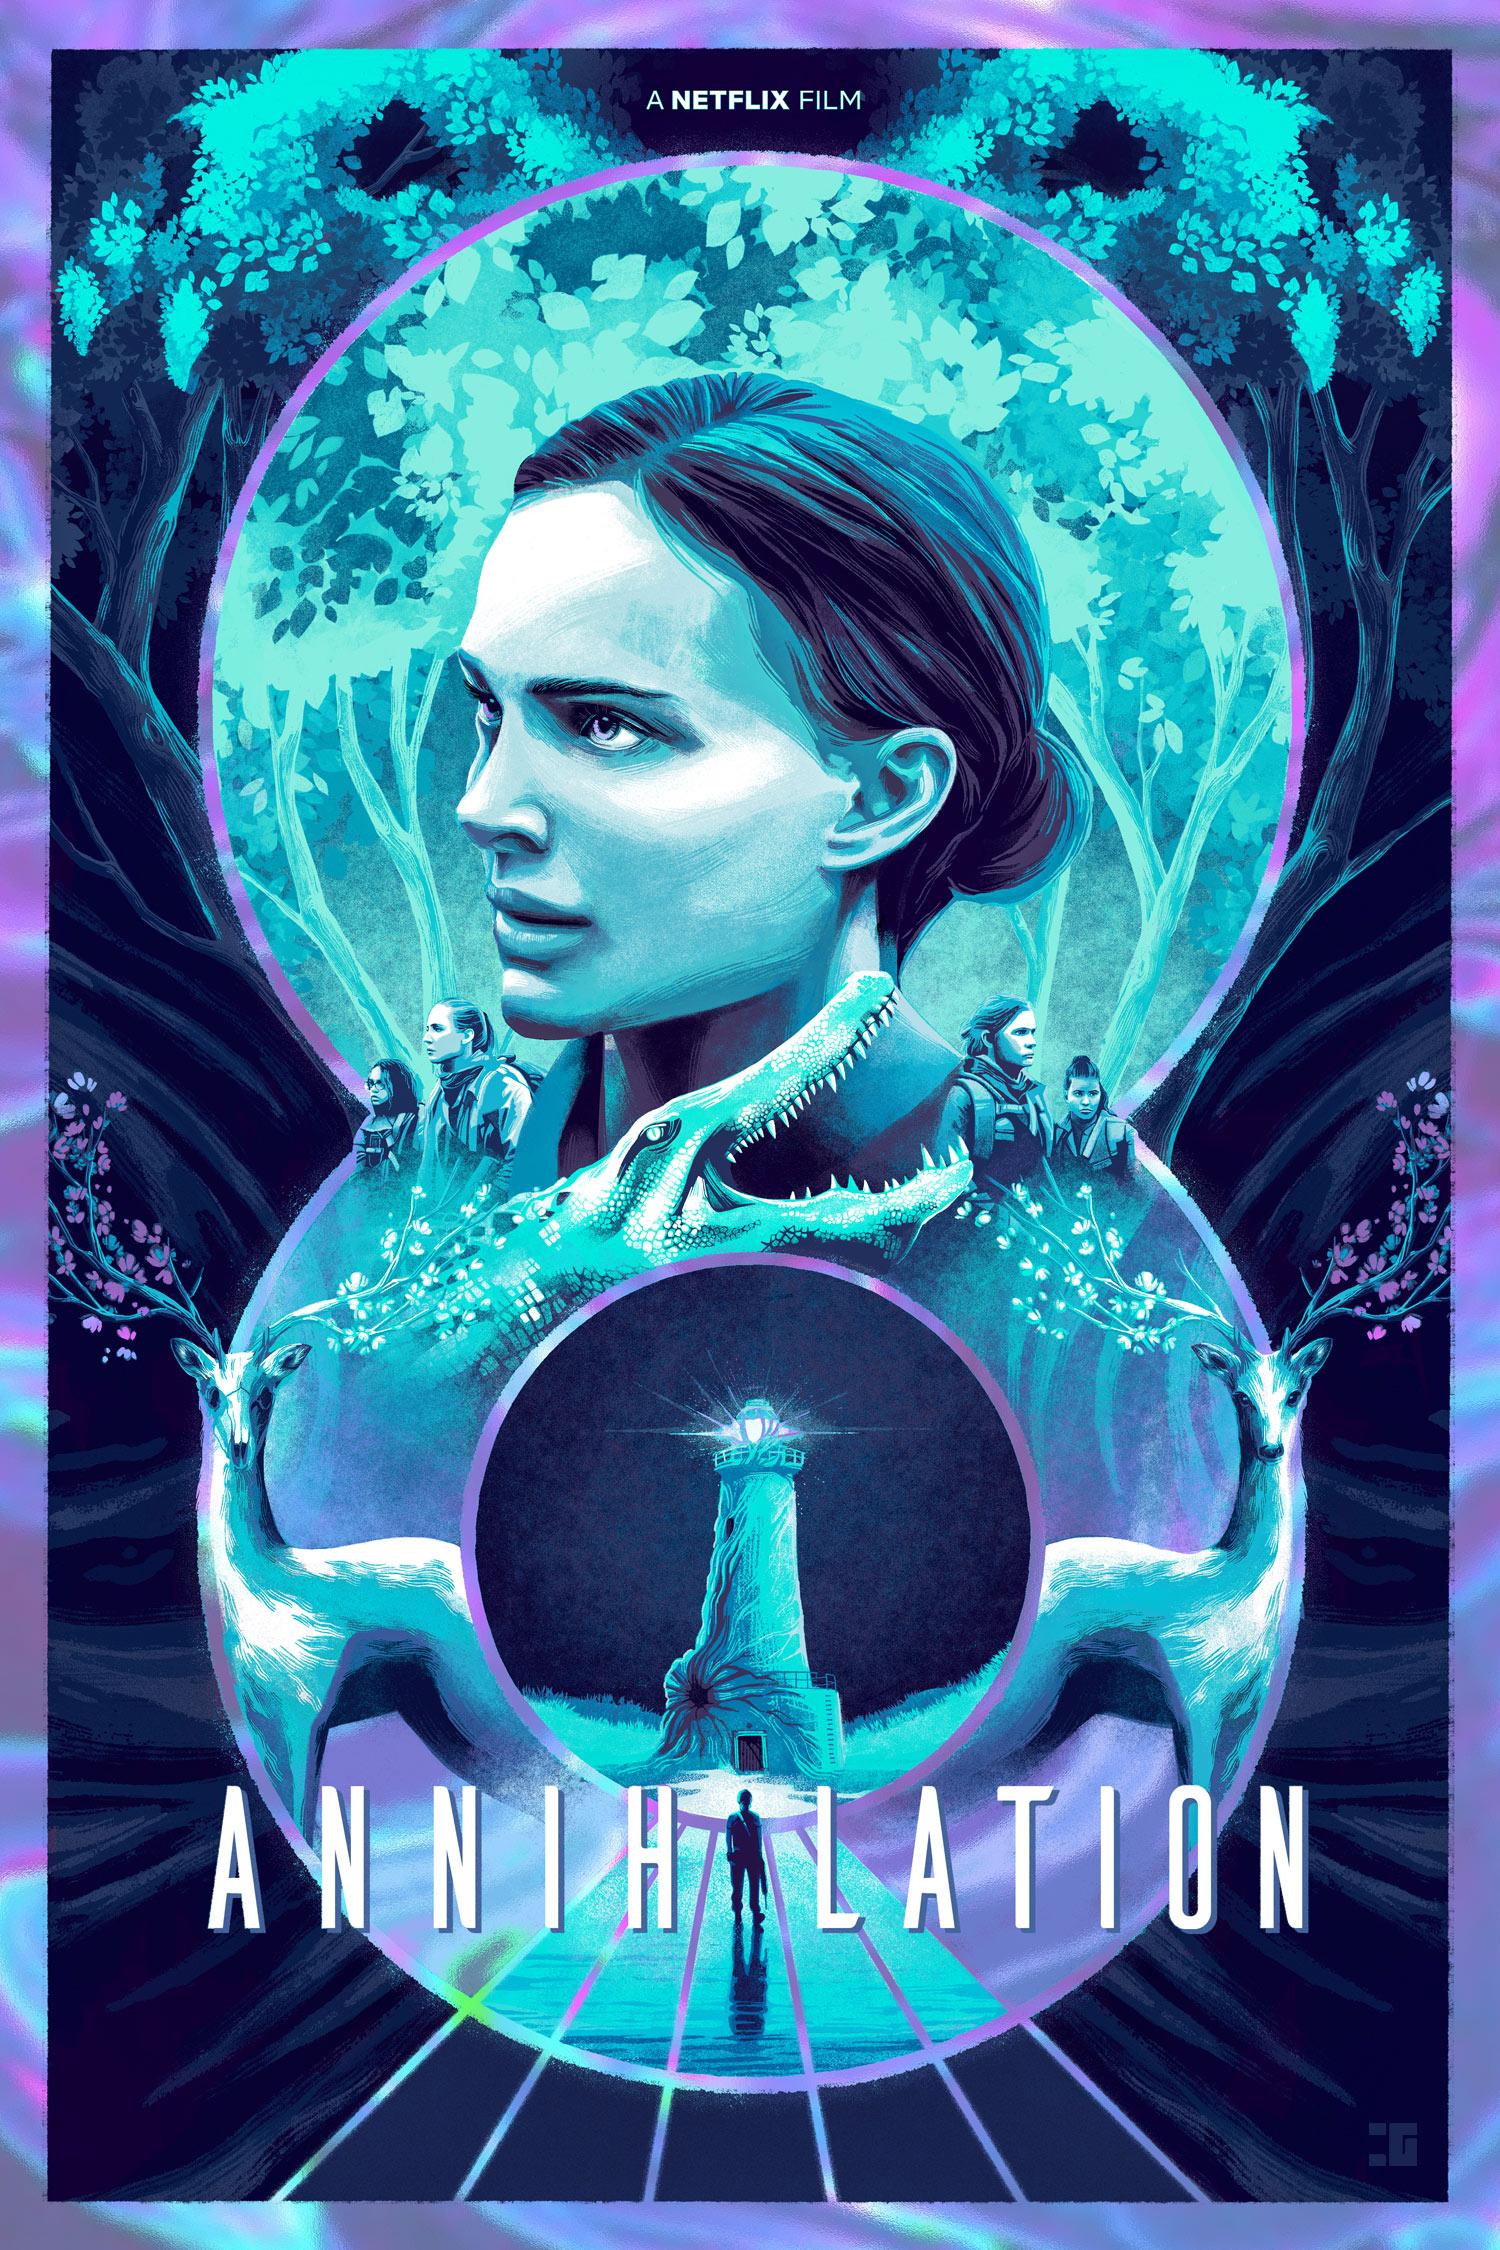 Annihilation Movie Poster, Netflix Tribute